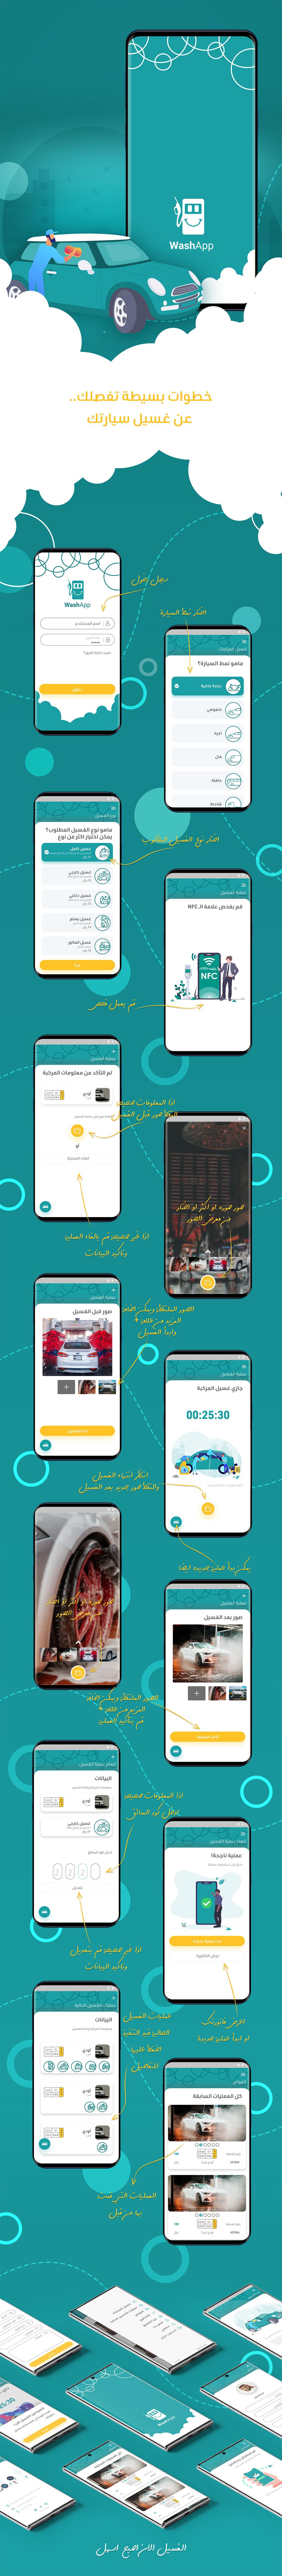 design2_web